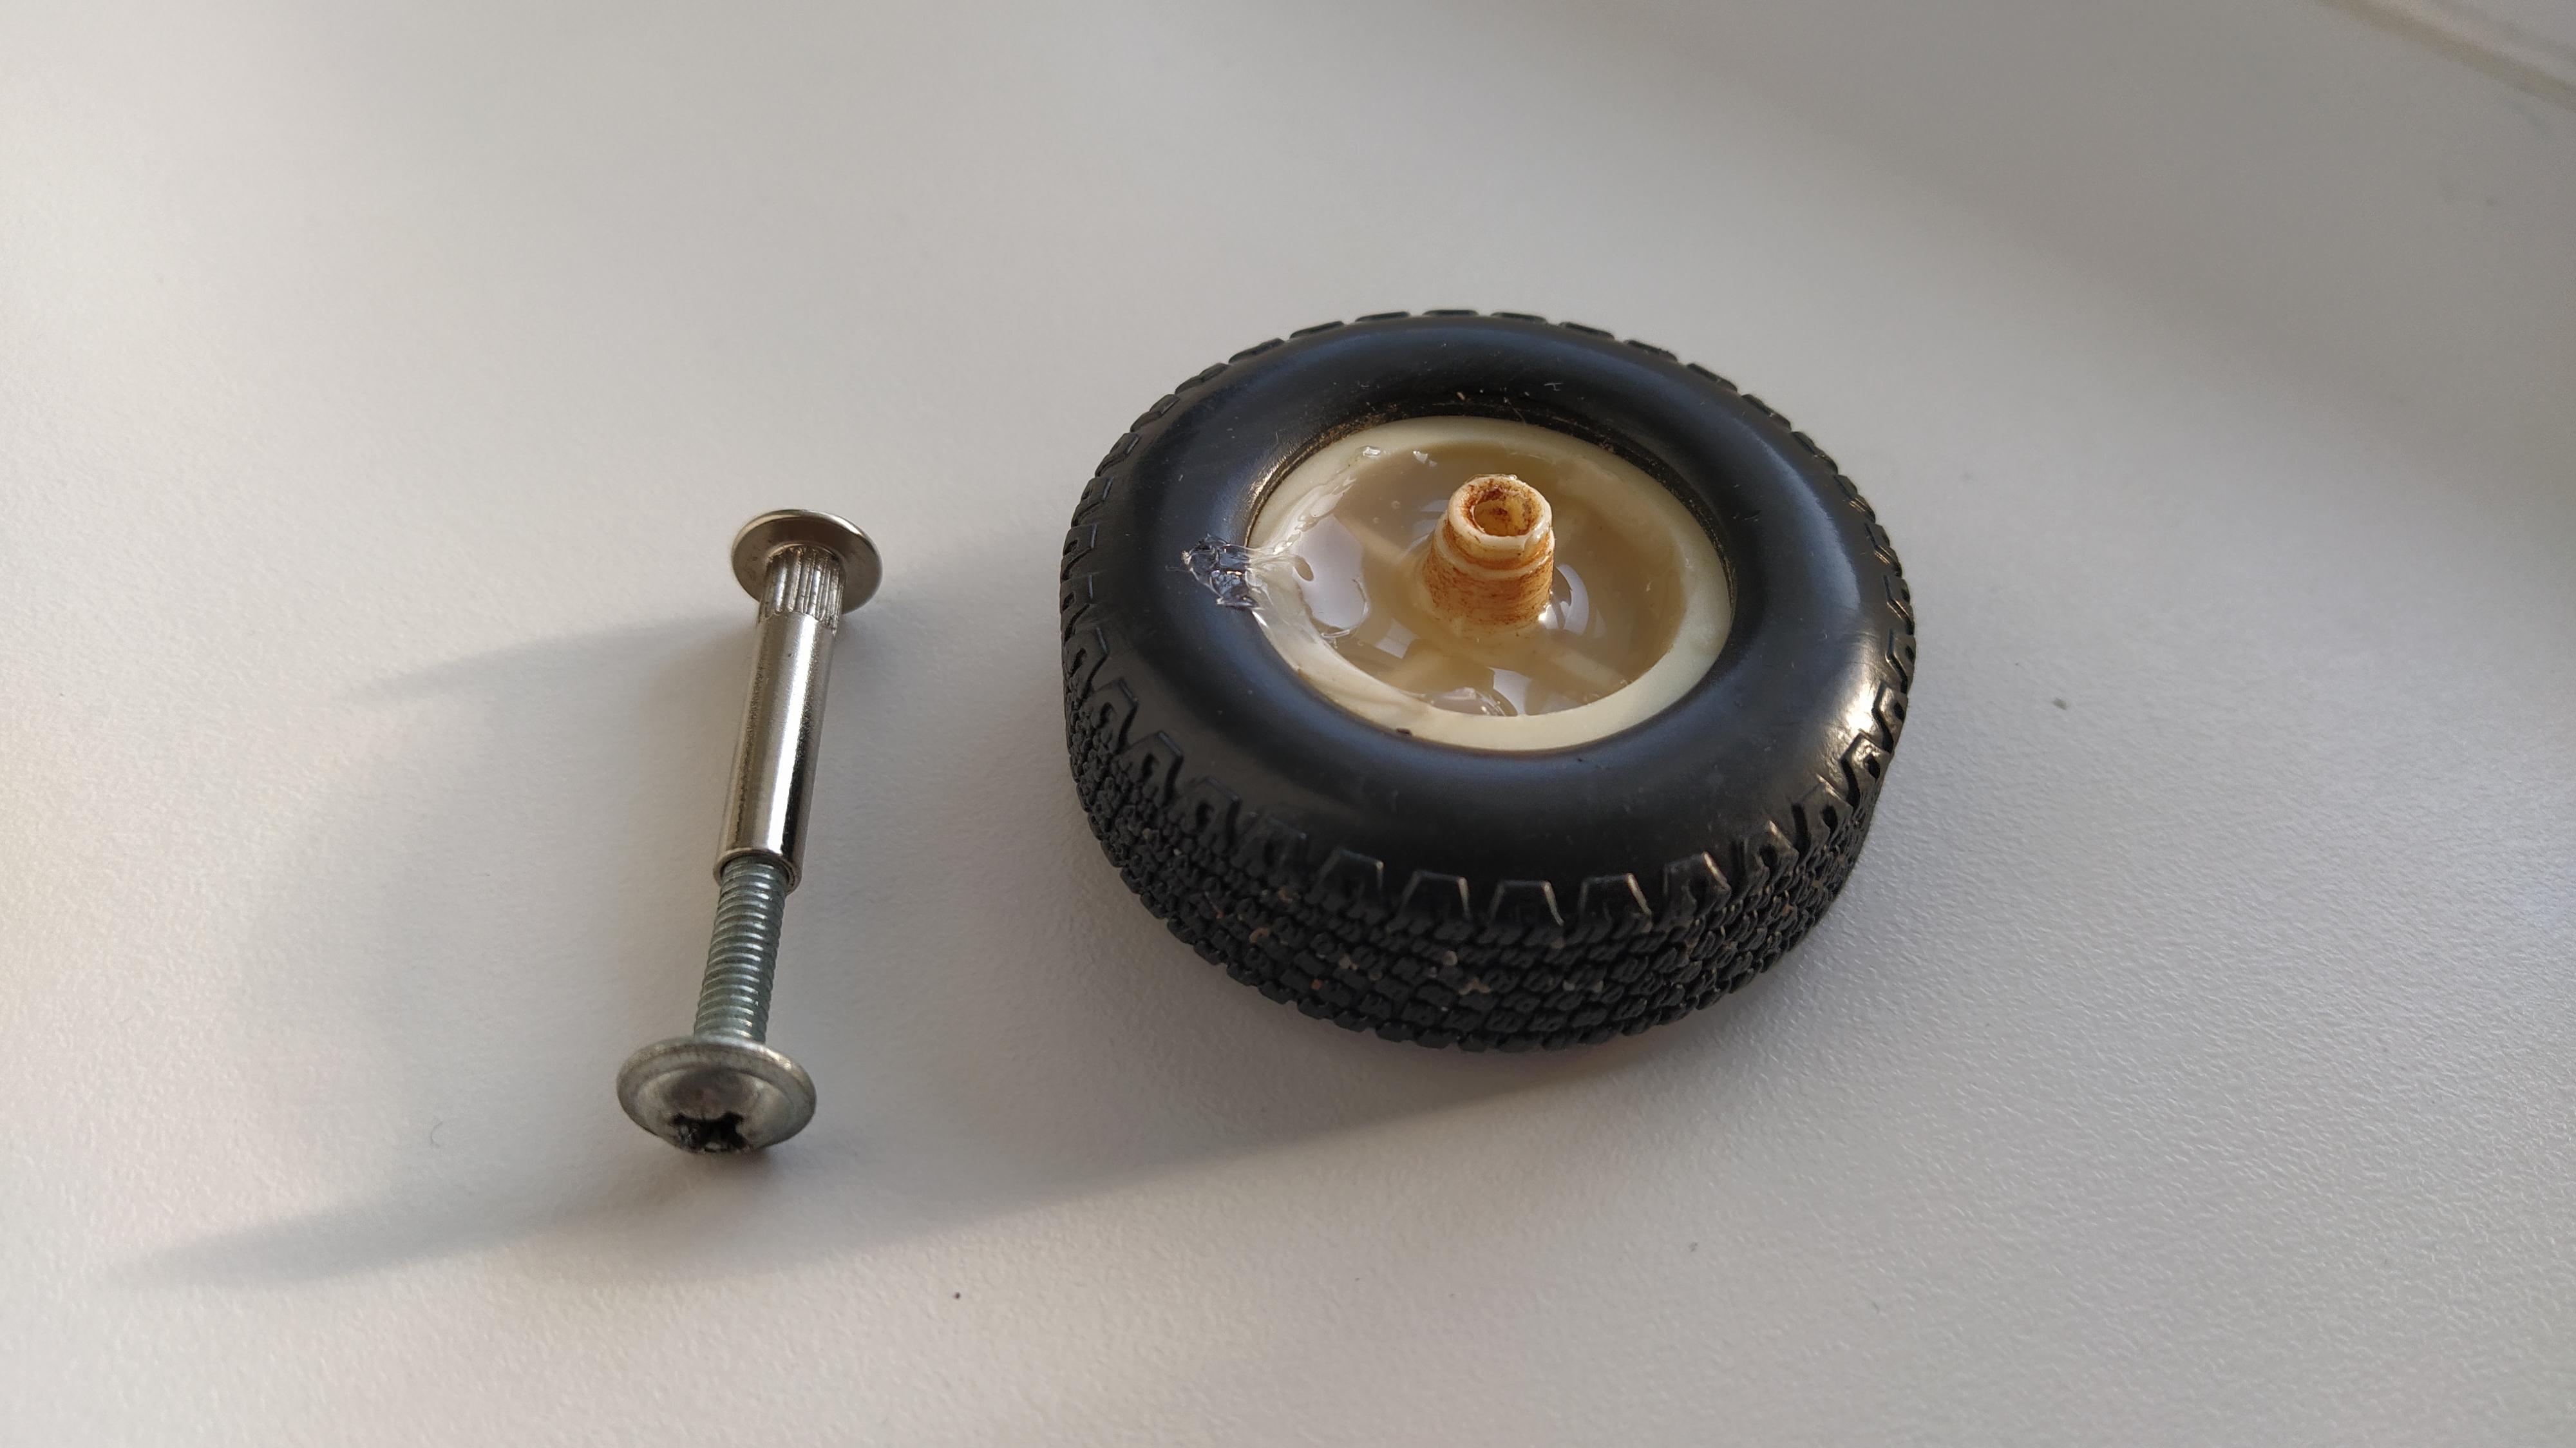 Проще простого: как самостоятельно починить колесо на чемодане